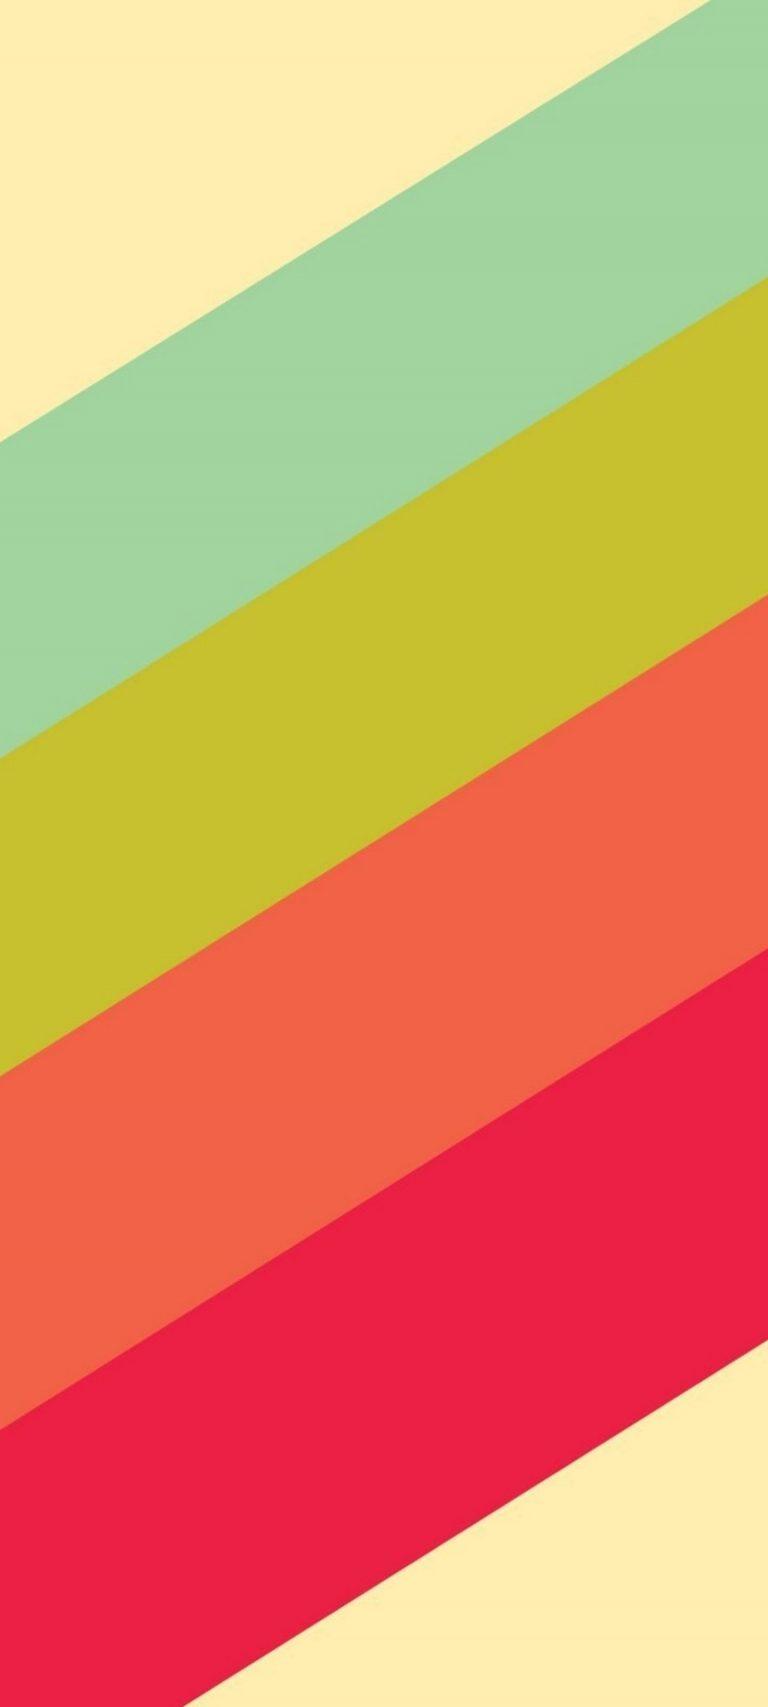 1440x3200 HD Wallpaper 211 768x1707 - 1440x3200 HD Wallpaper - 211